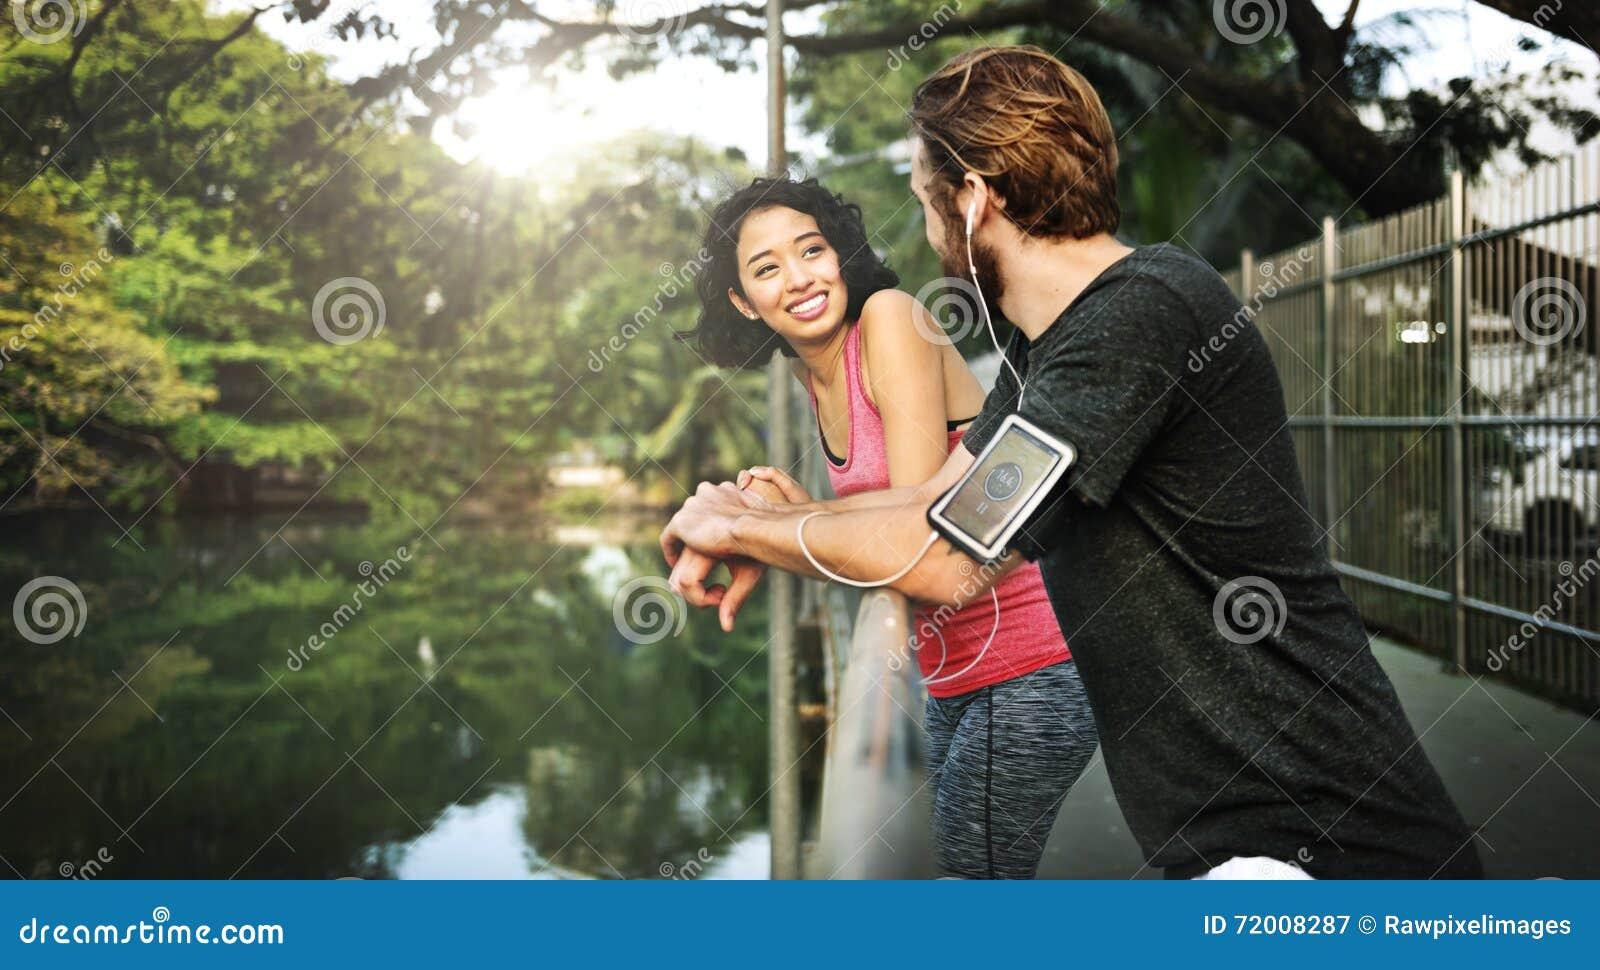 Ελκυστική θερινή κατάλληλη έννοια αθλητών τρόπου ζωής ζεύγους